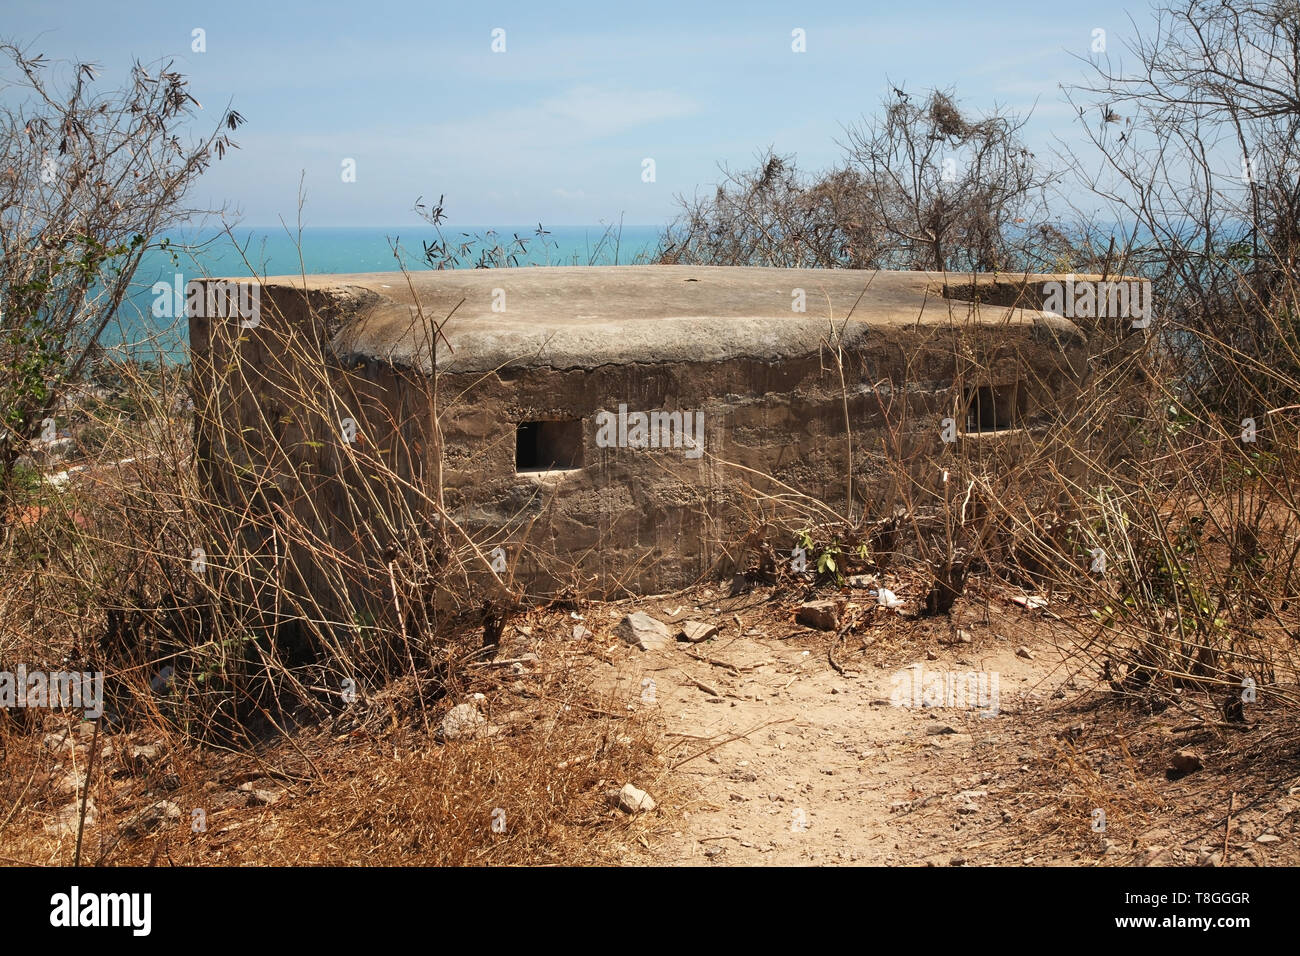 Bunker in Phan Thiet. Vietnam - Stock Image